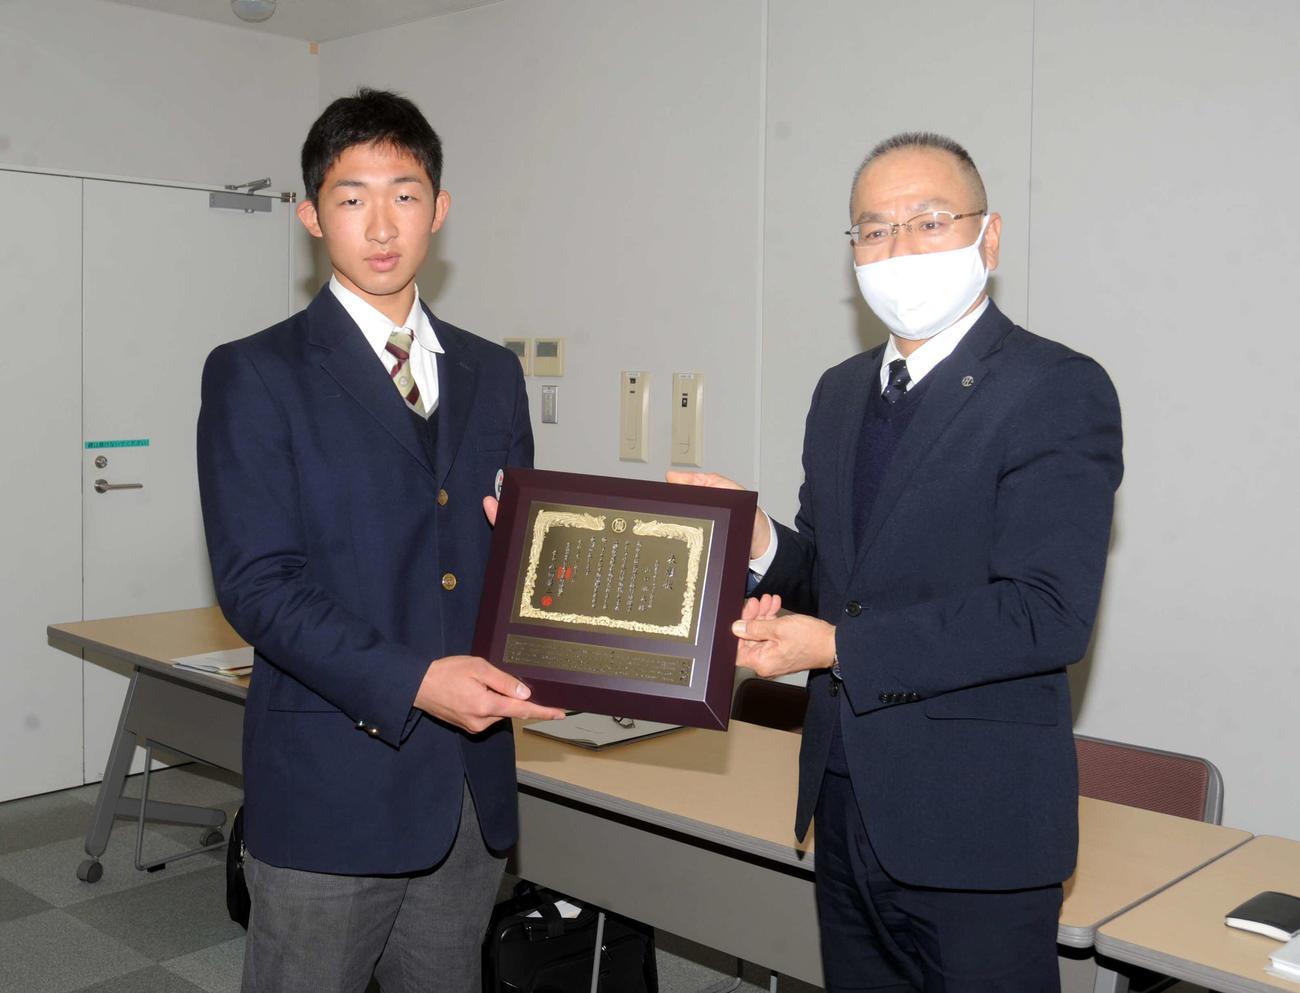 静岡県高野連の野部会長(右)から表彰を受けた聖隷クリストファーの山口